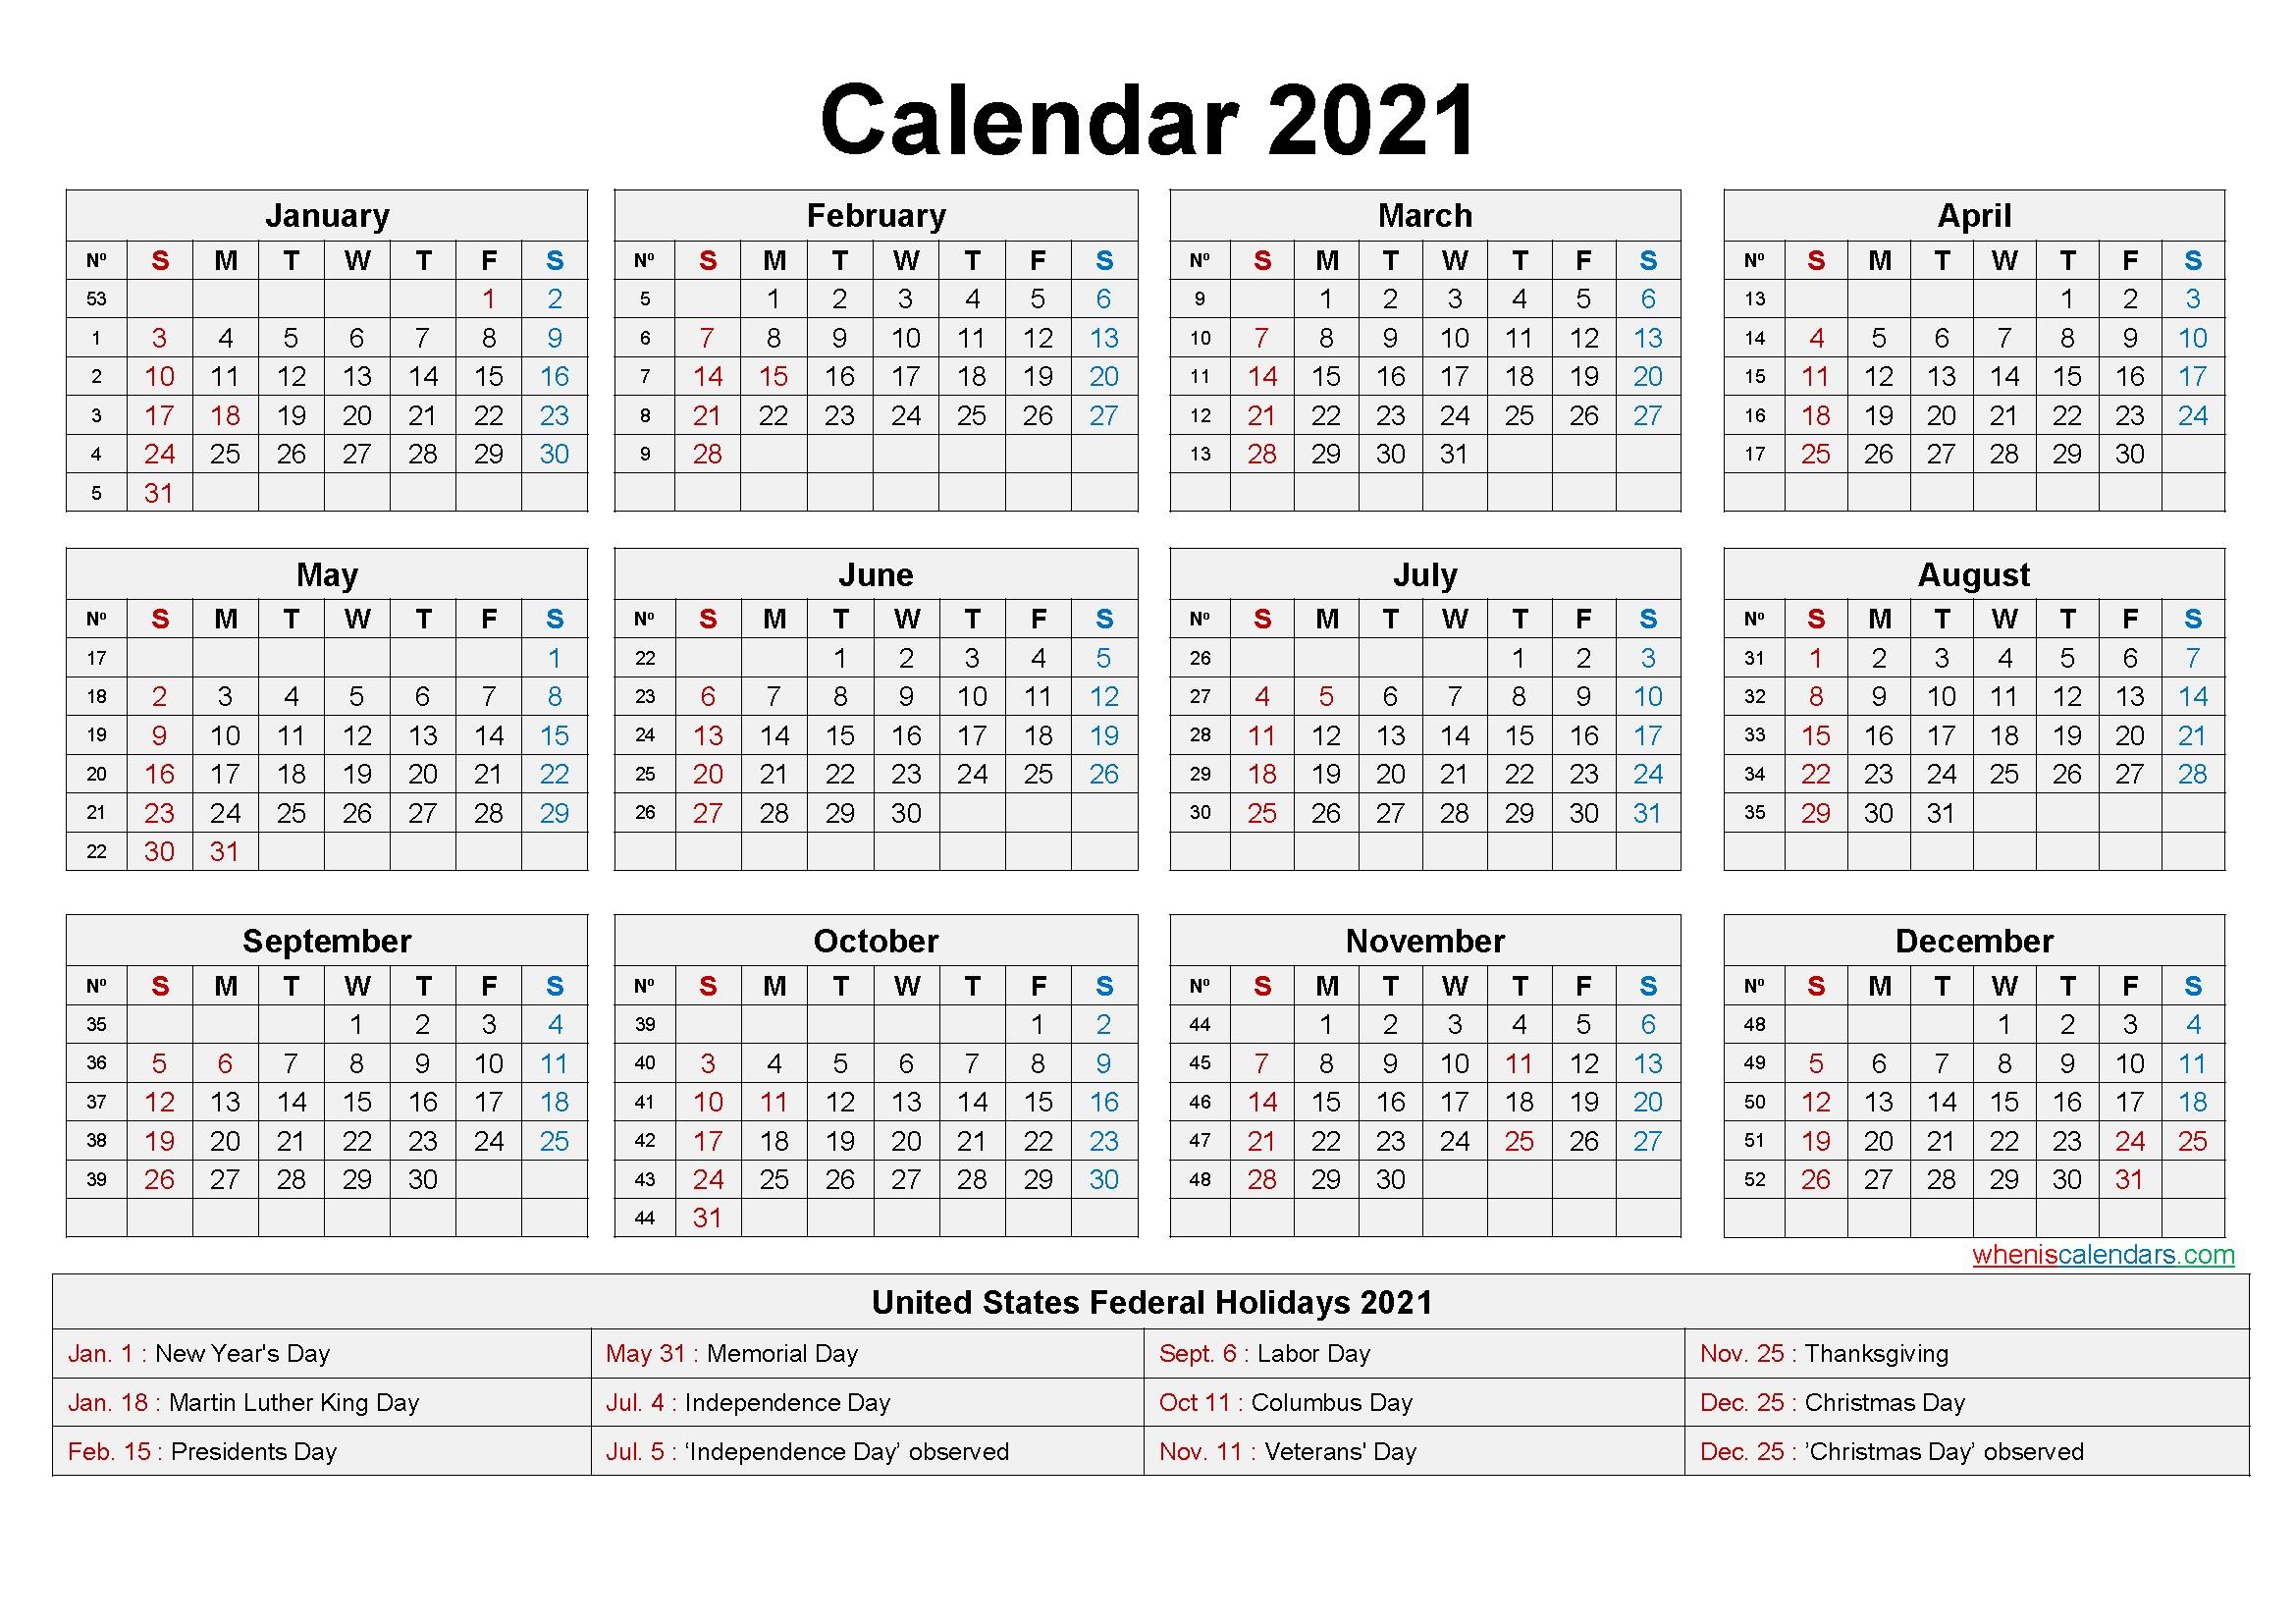 2021 Calendar Printable Word Free for Time Saving